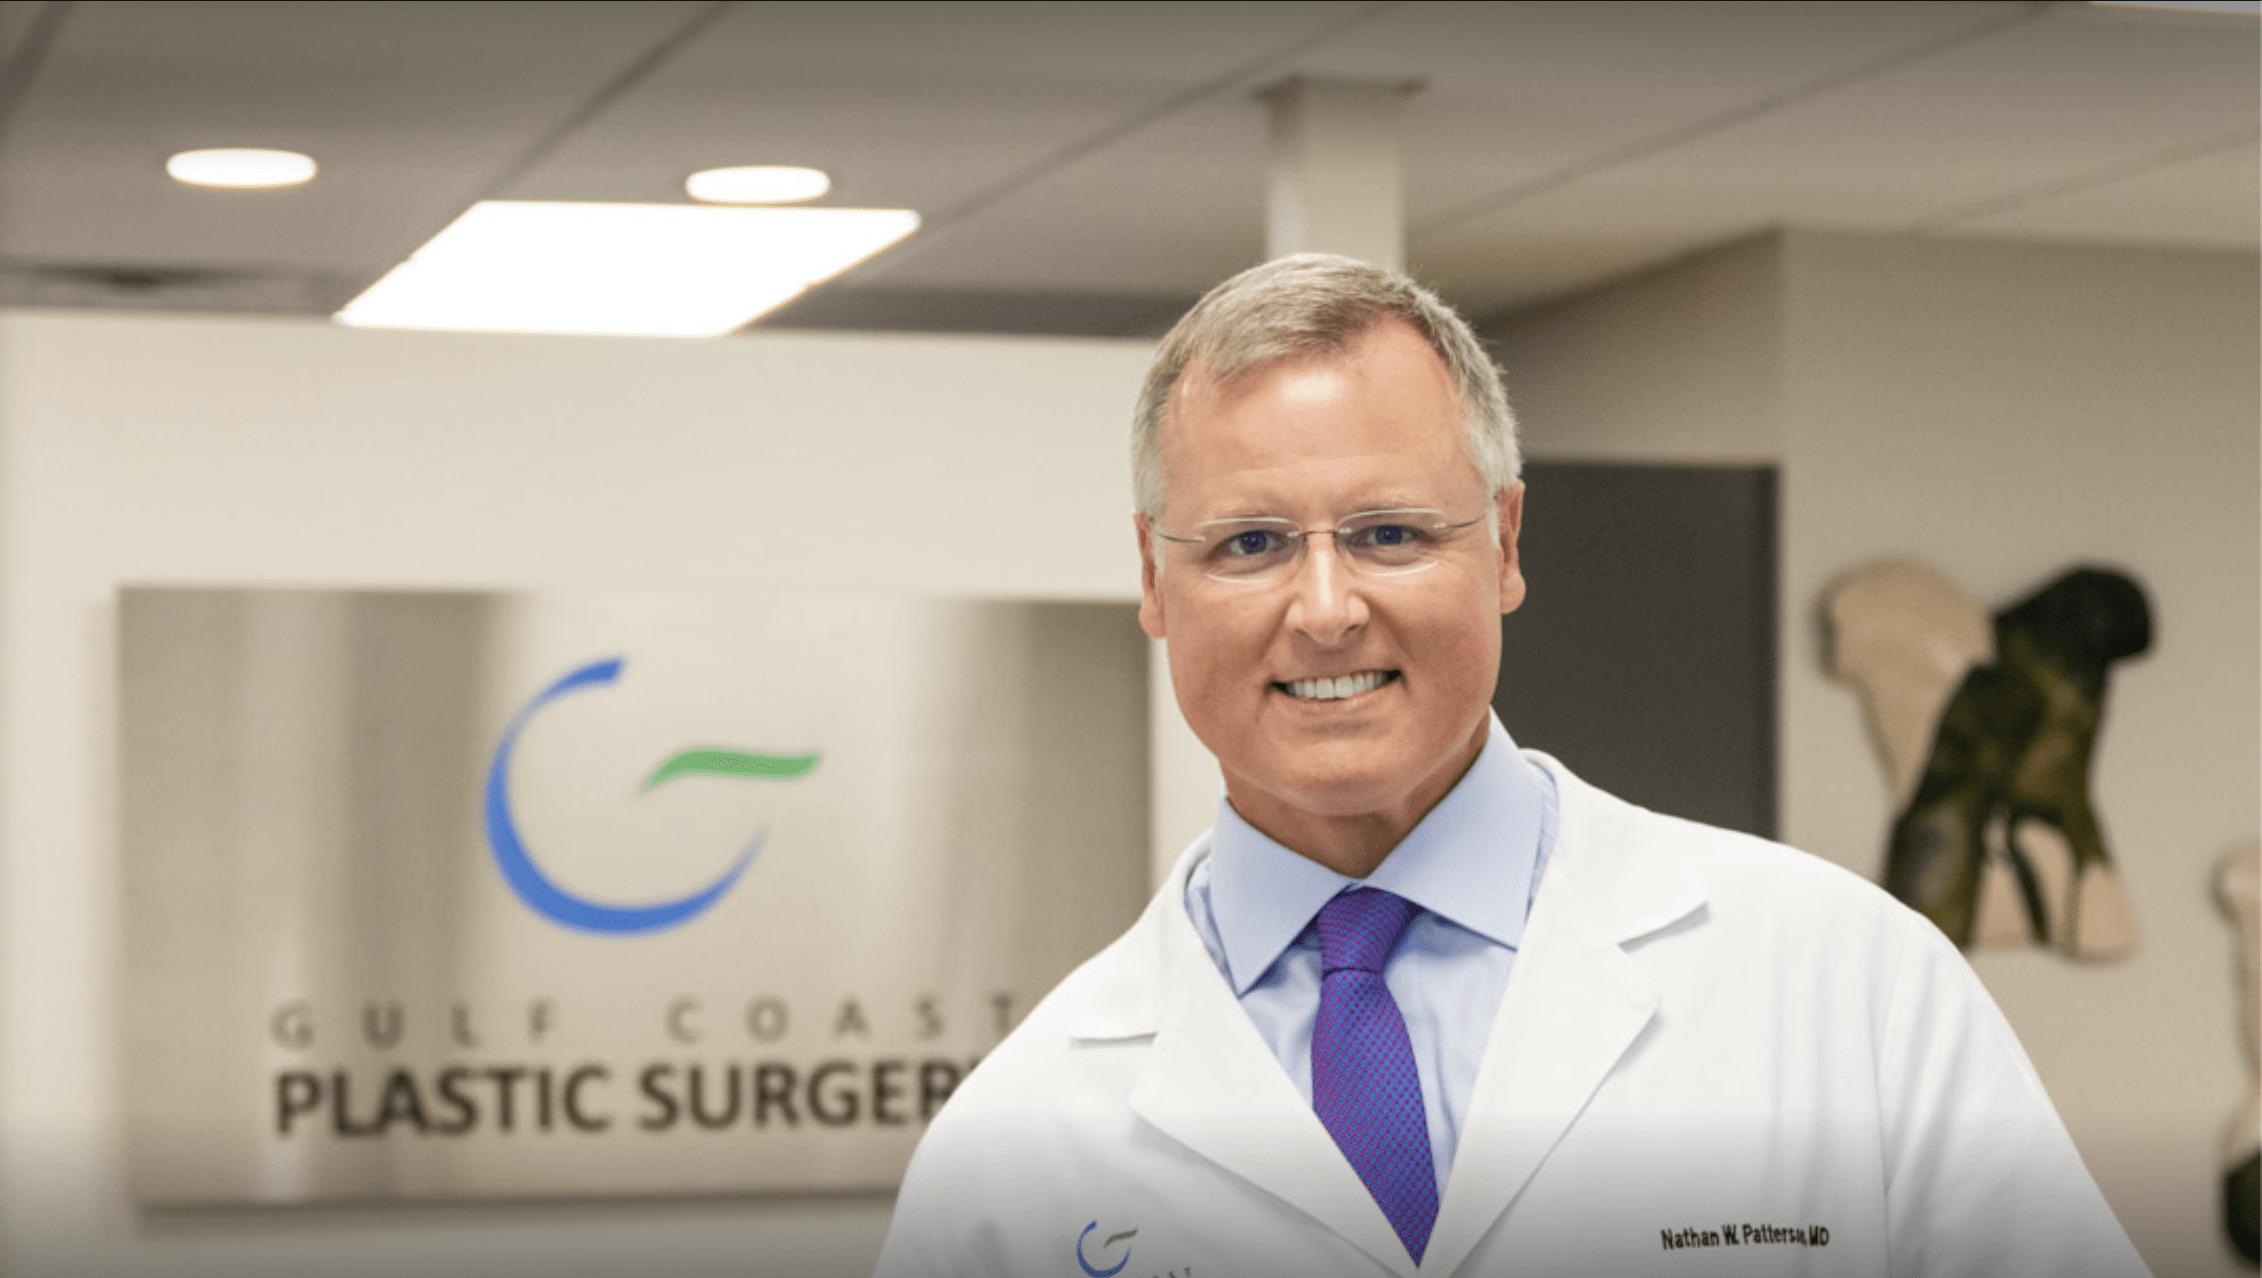 Dr. Patterson